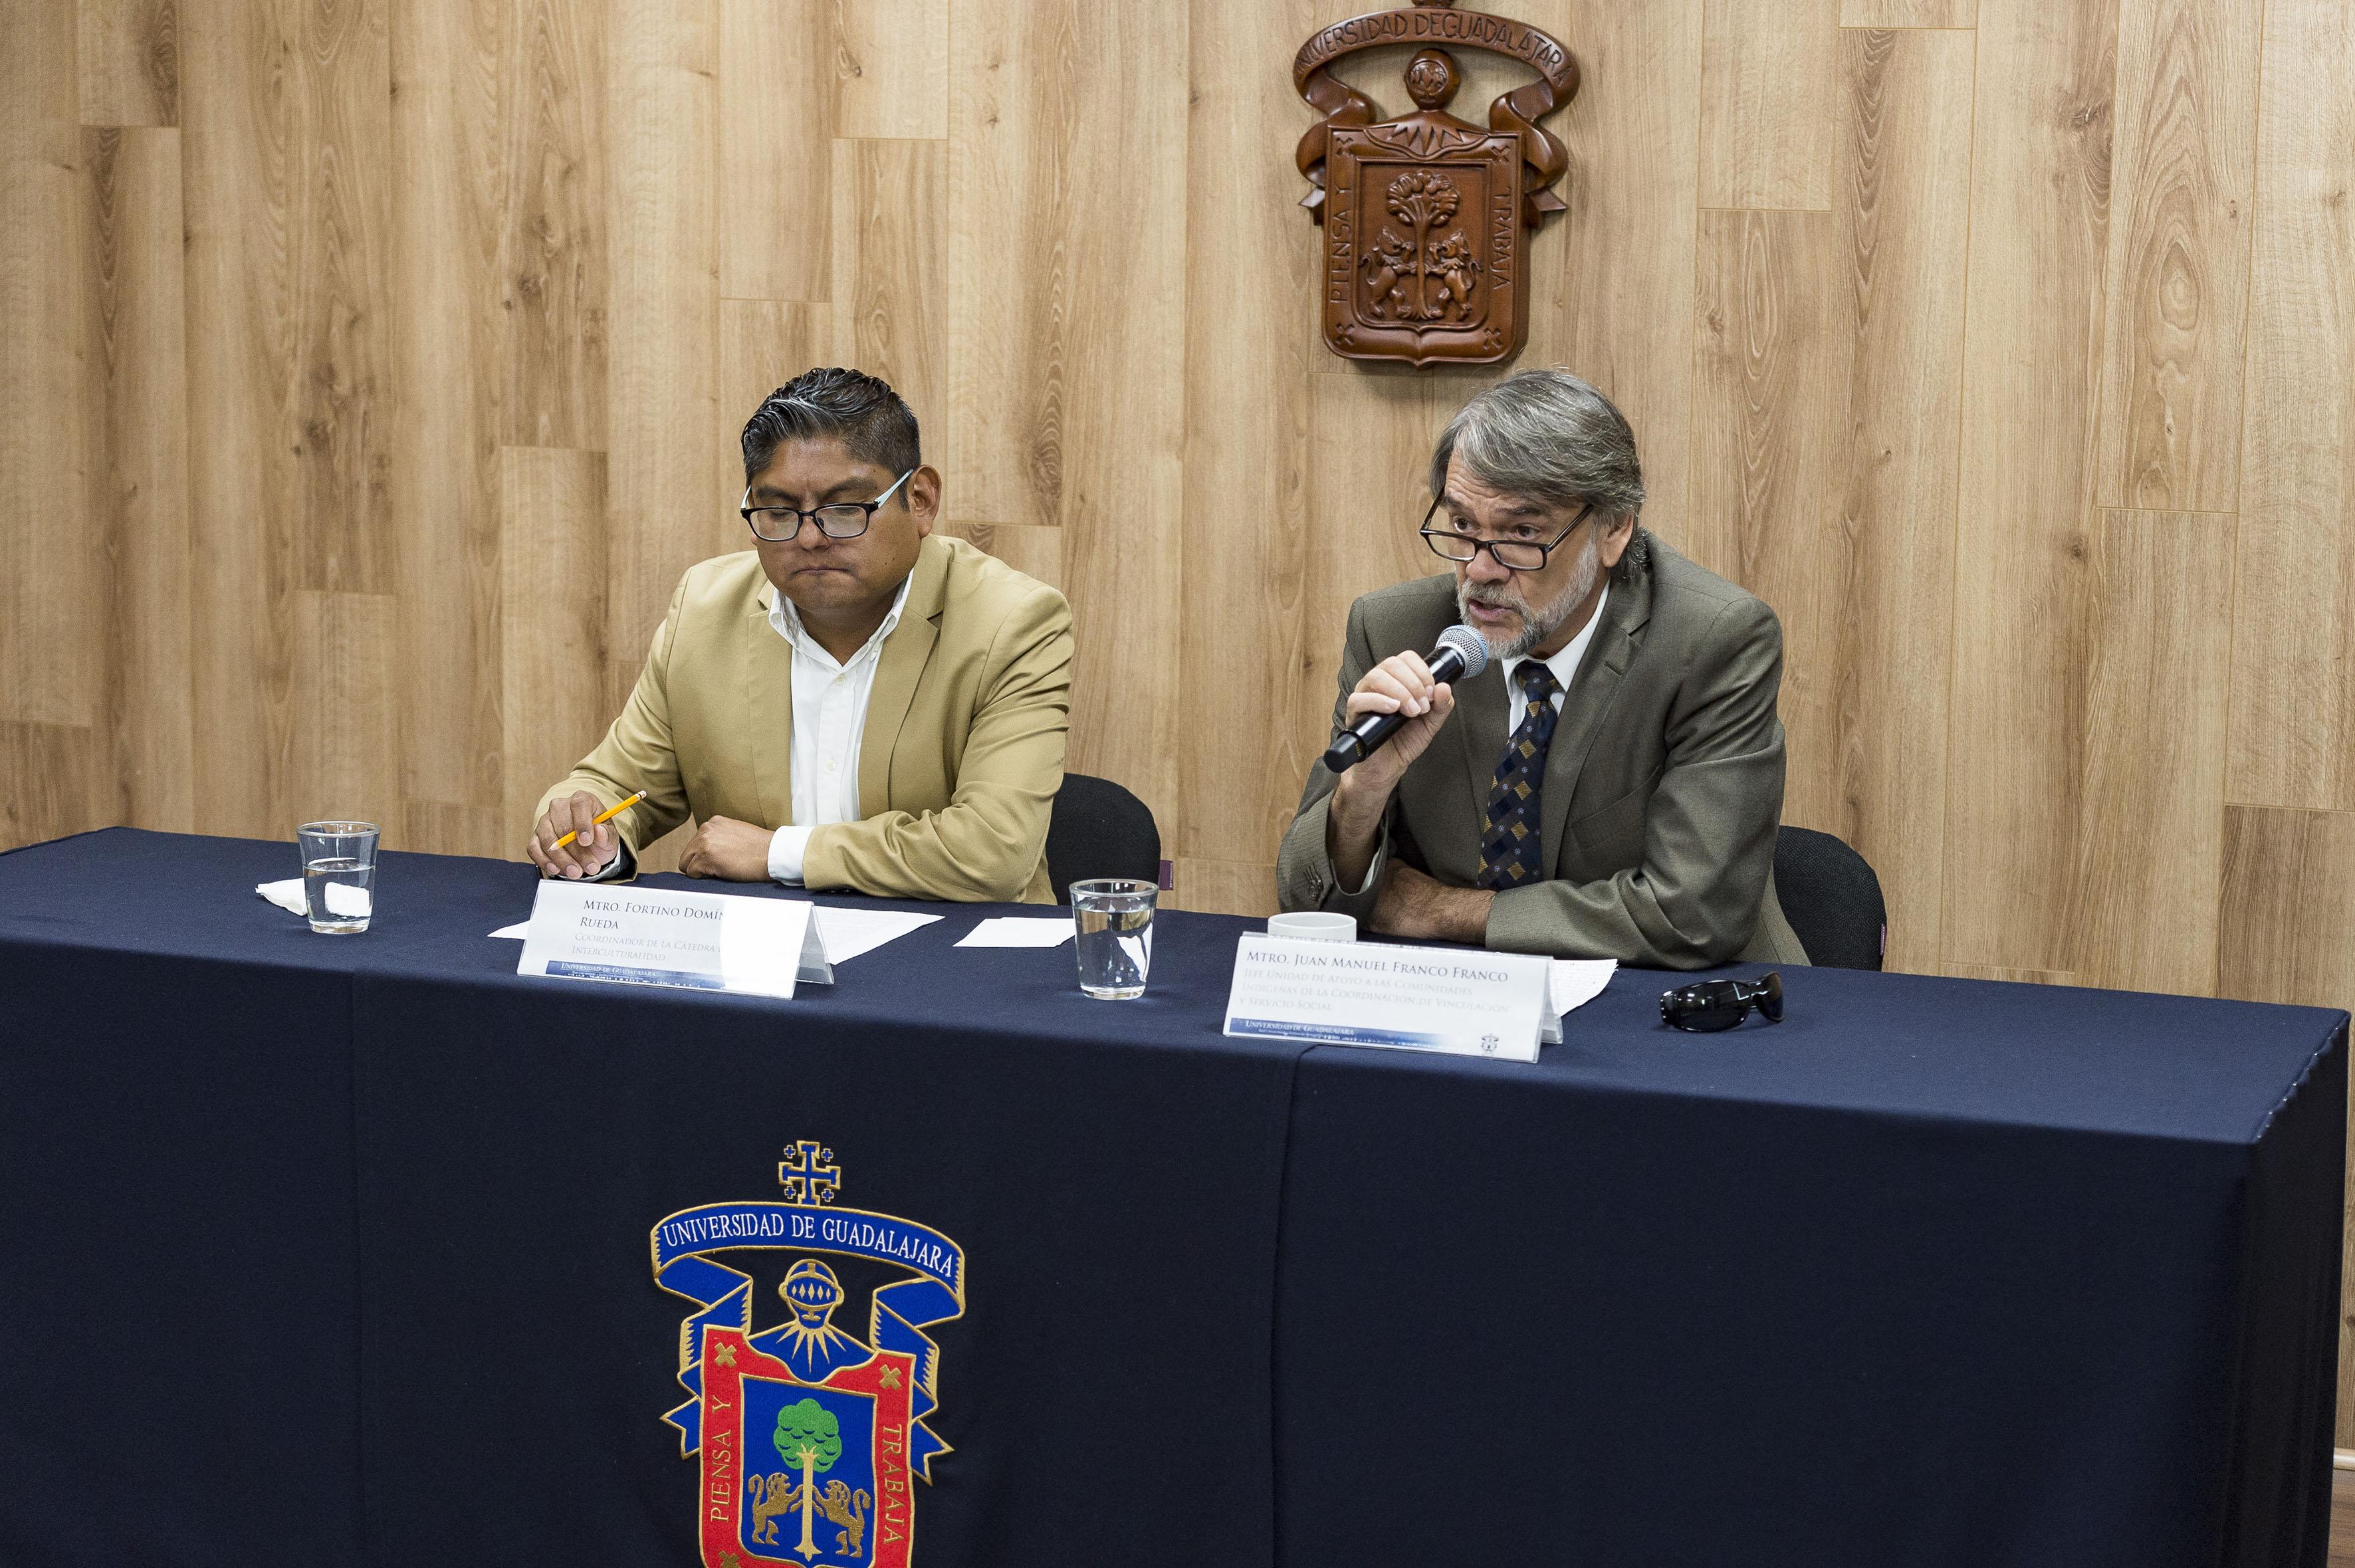 Rueda de prensa para anunciar las próximas actividades de la cátedra de la Interculturalidad, de la Universidad de Guadalajara (UdeG)